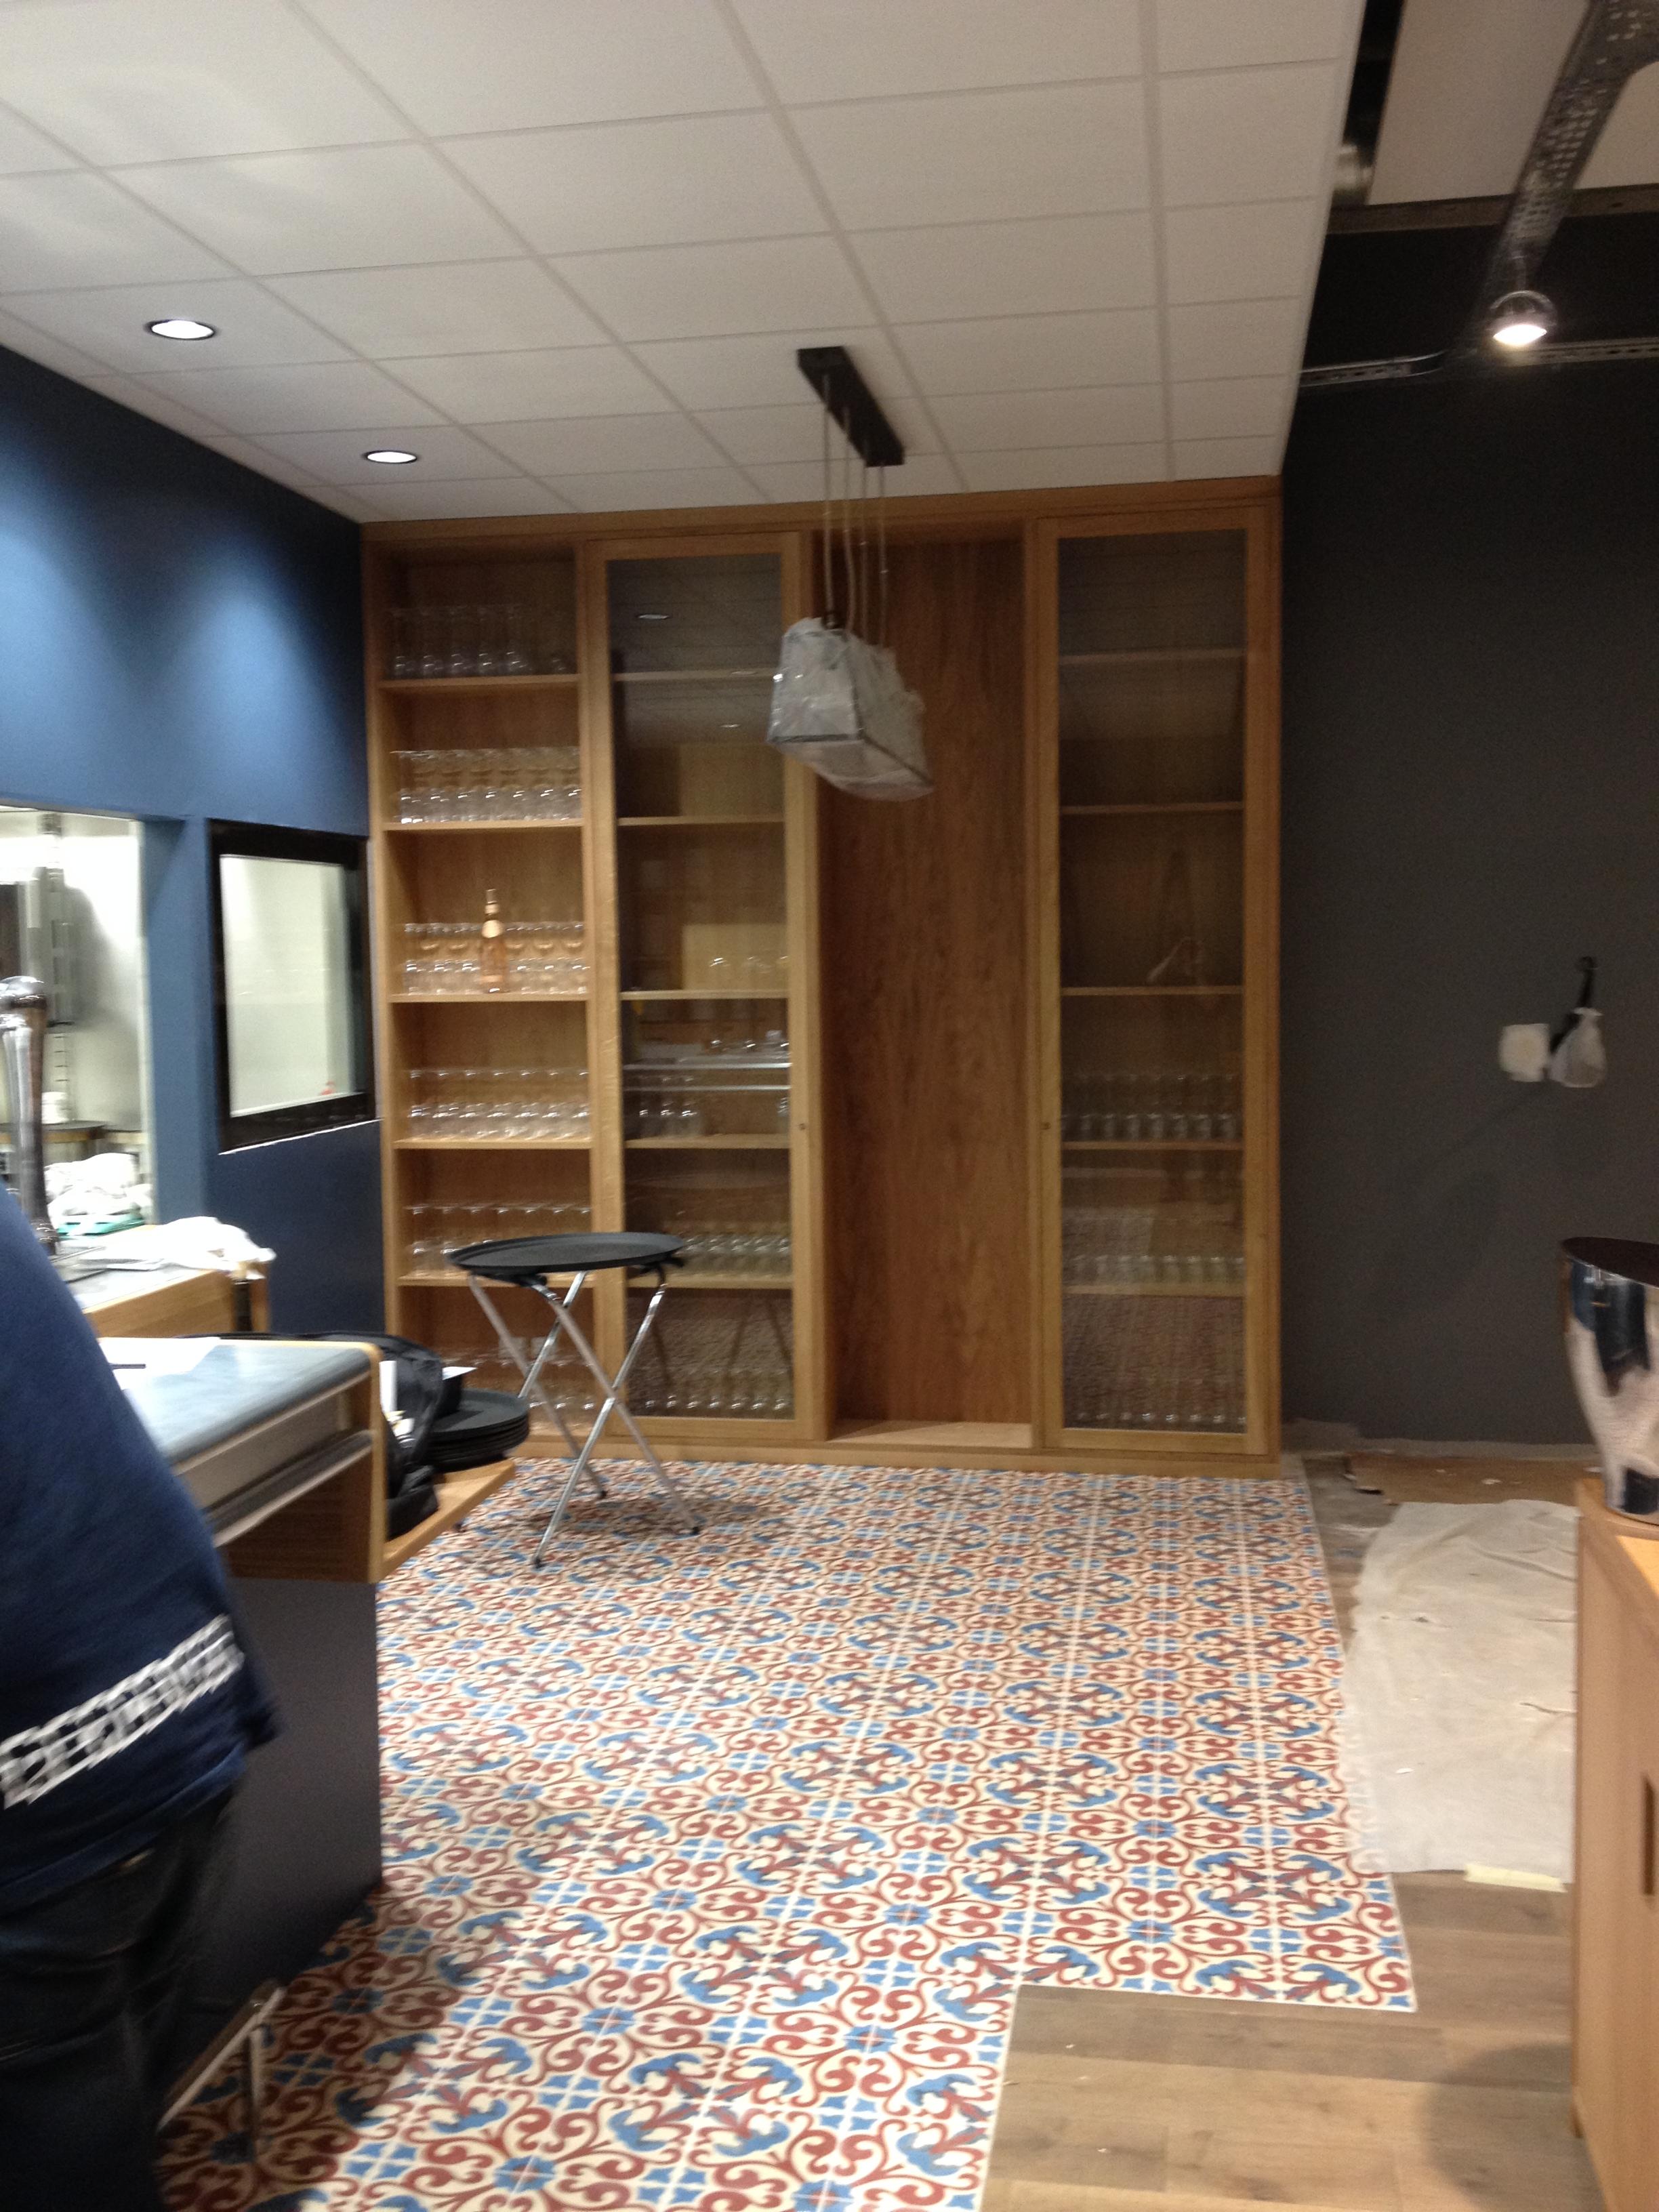 fabrication de mobilier pour une brasserie r alisation meubles detallante fabricant de. Black Bedroom Furniture Sets. Home Design Ideas